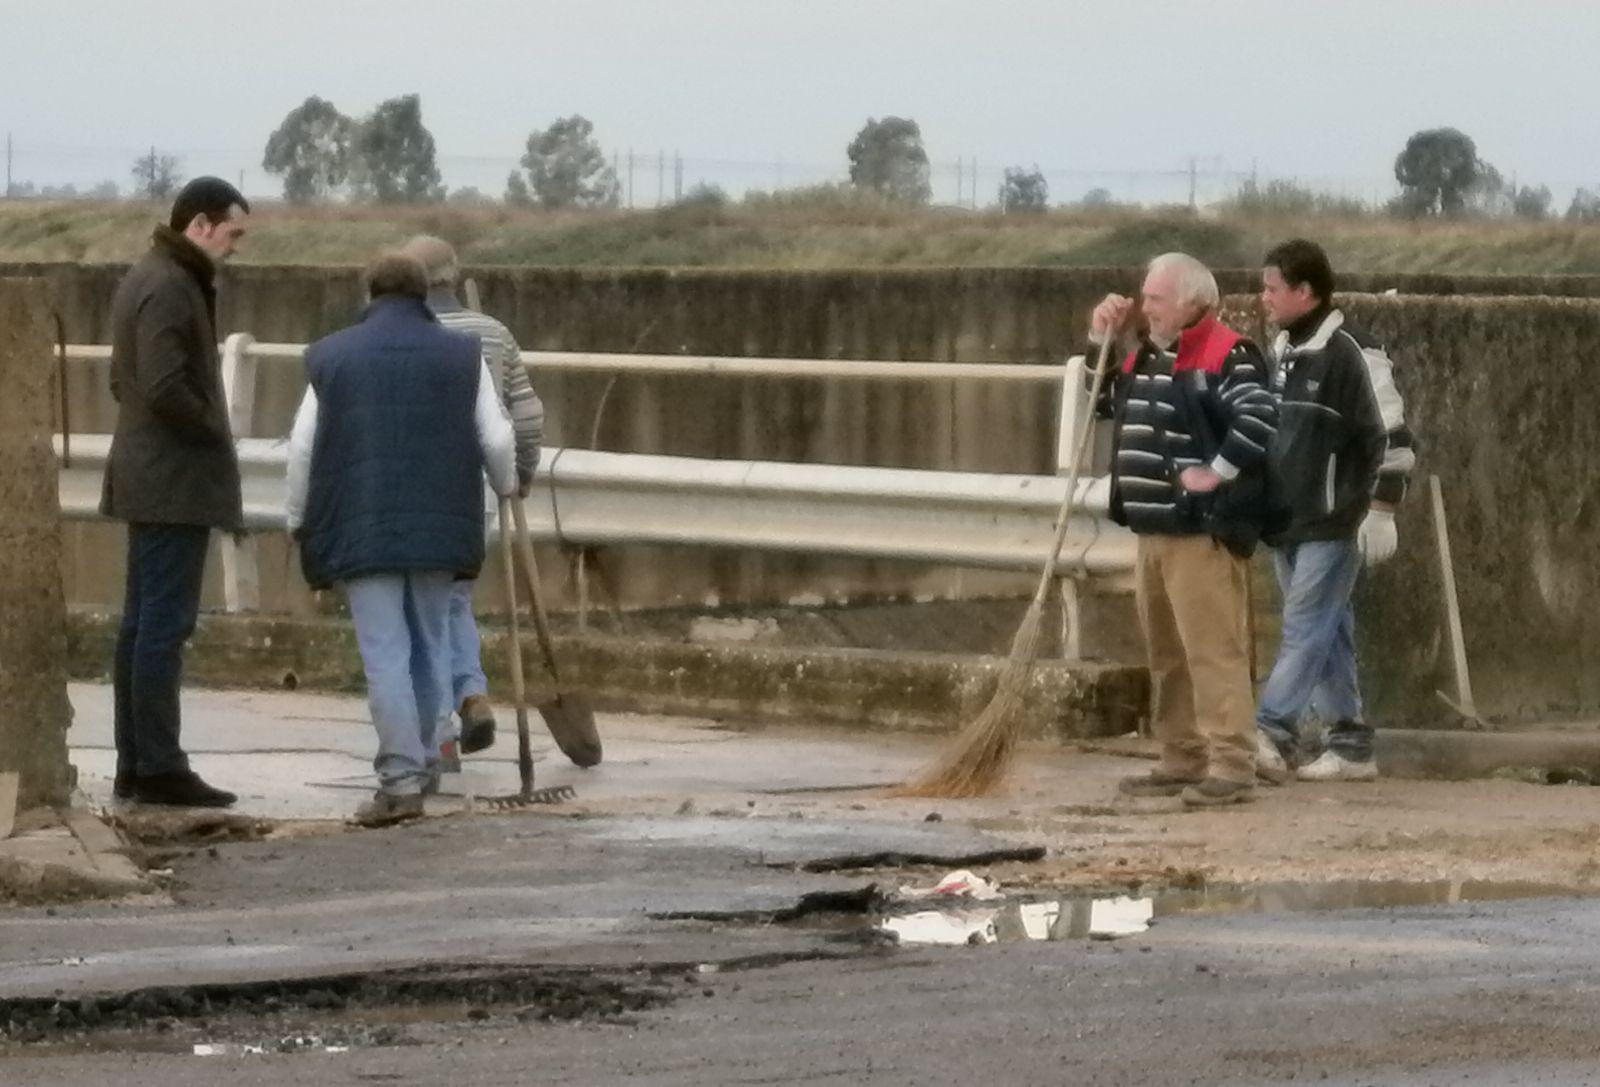 Villa Literno - Sindaco verifica danni via Santa Maria a Cubito